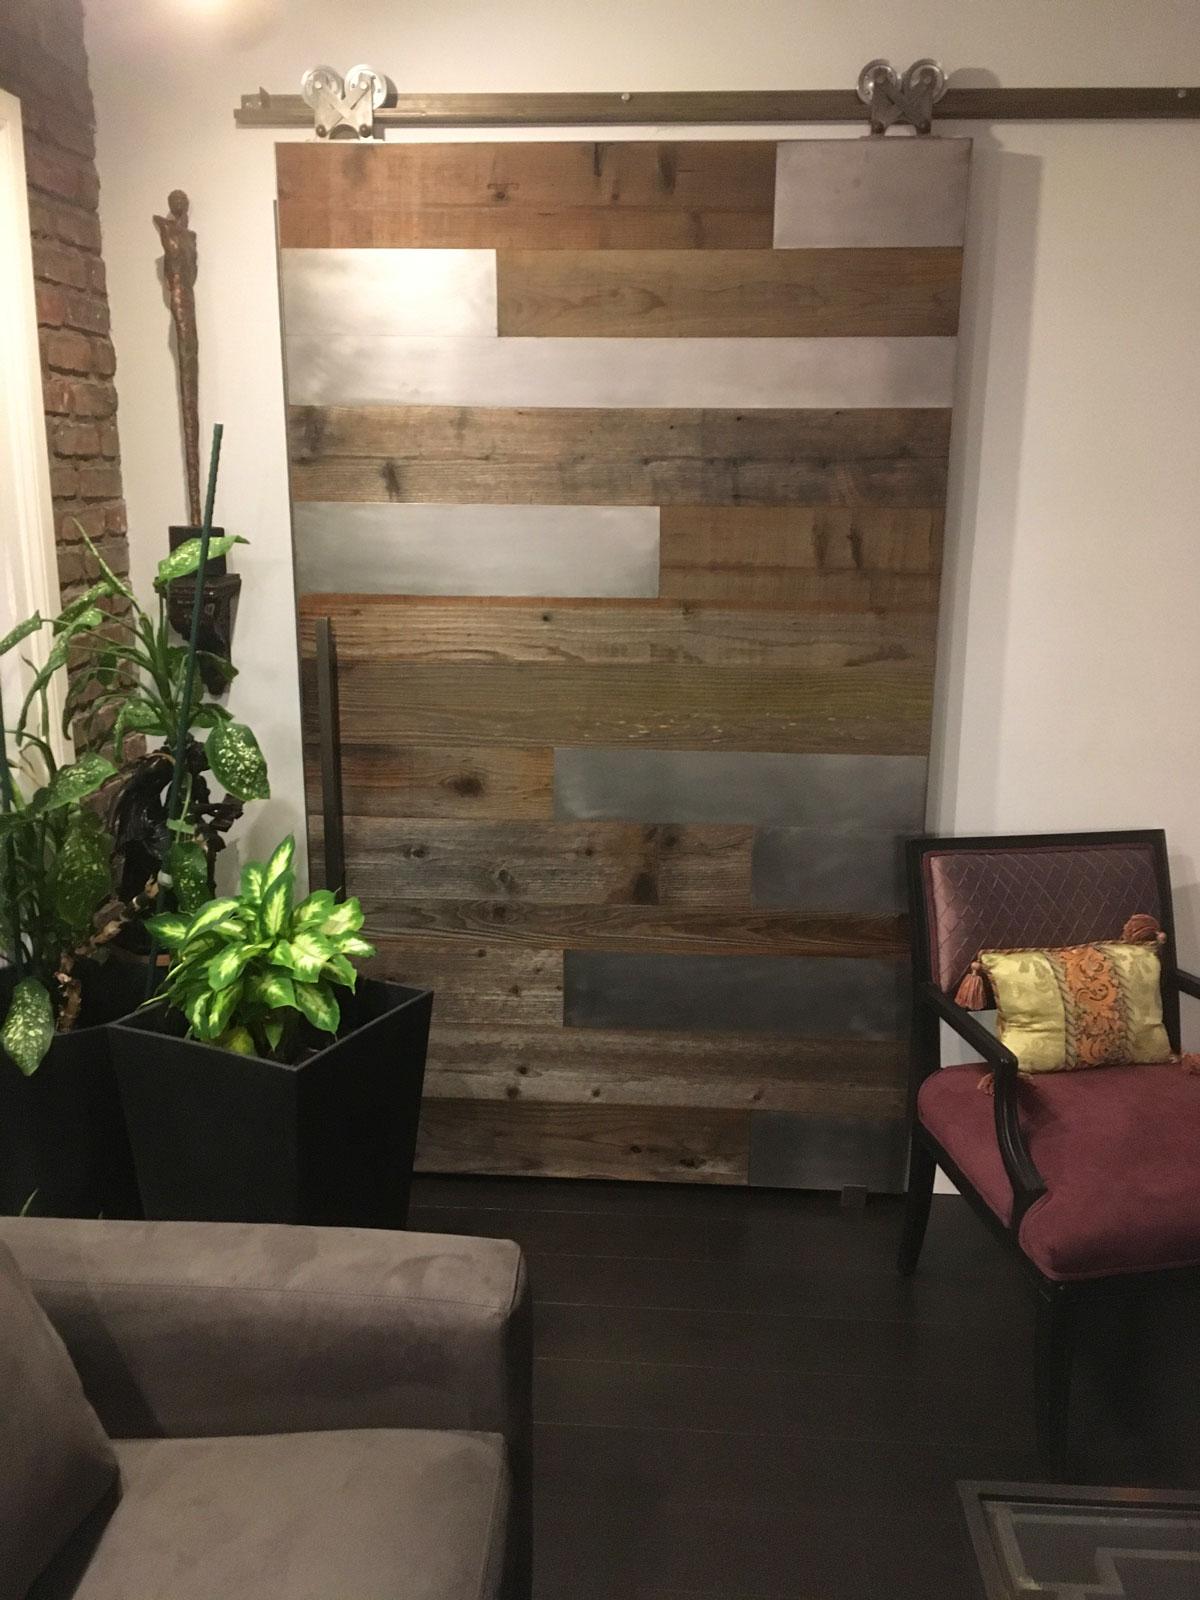 Reclaimed wood and metal barn door